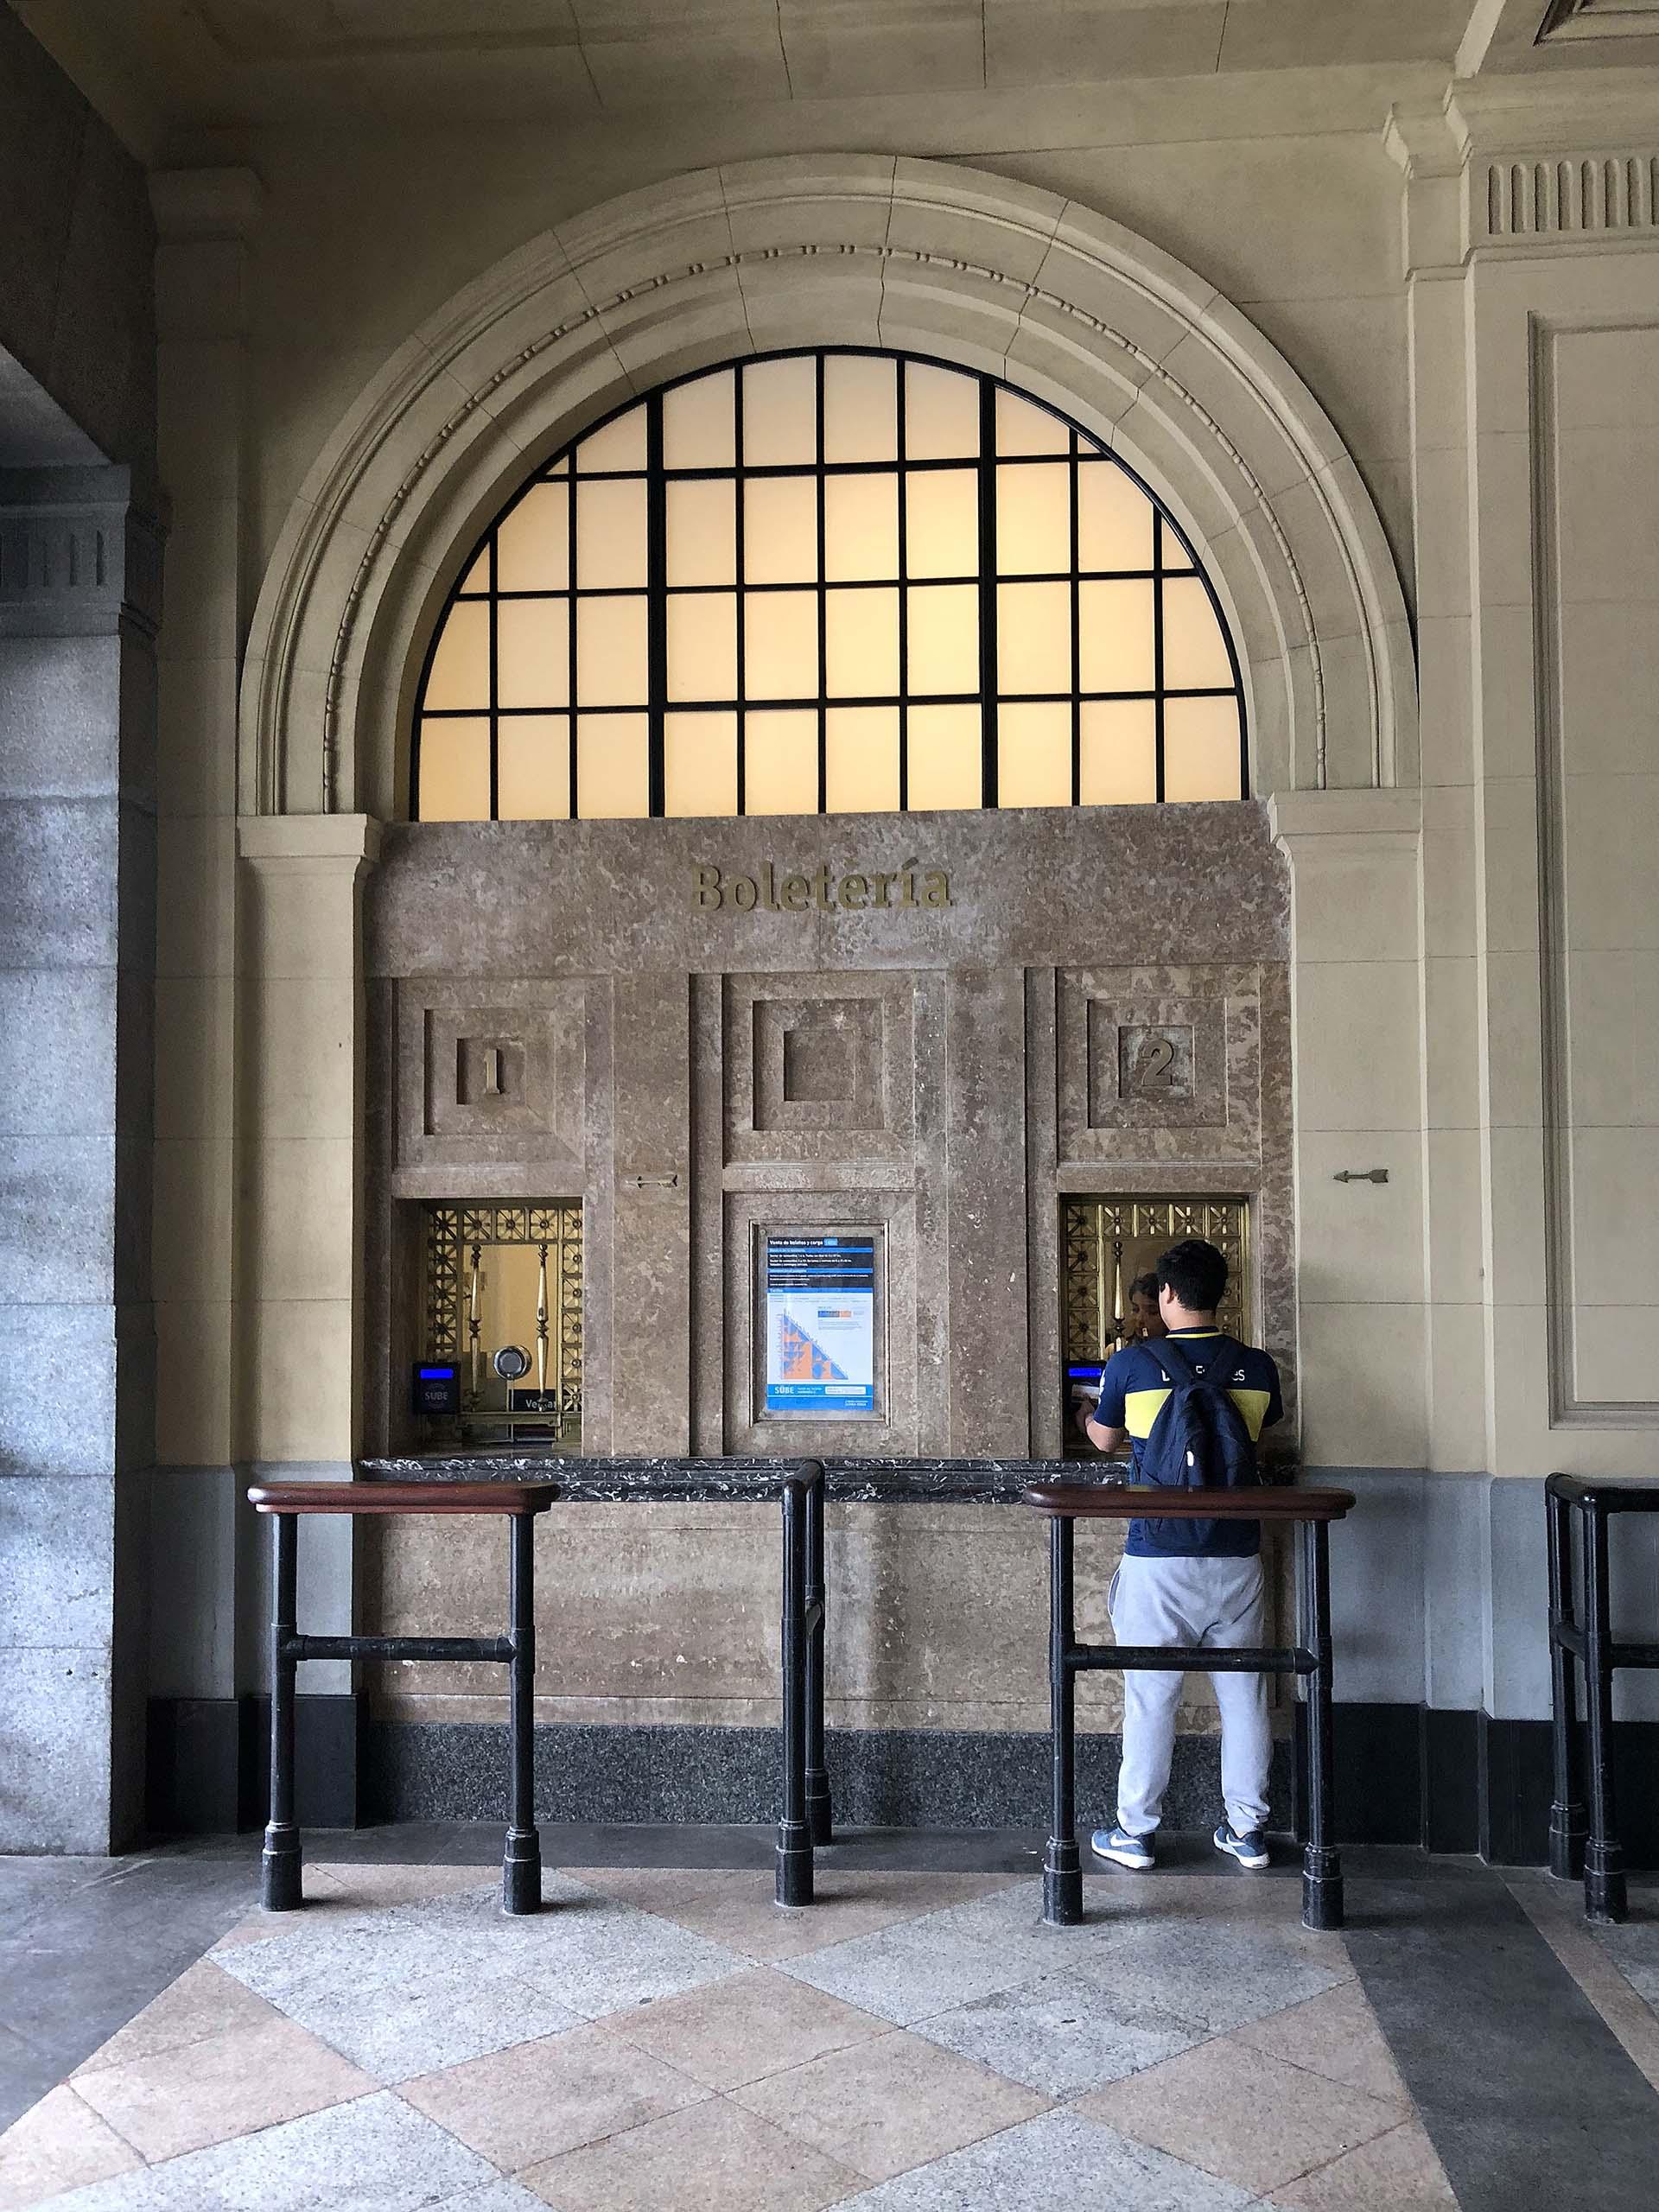 Estación Constitución, un domingo por la tarde, un hincha de Boca carga su SUBE para ir a la Bombonera. Una imagen clásica que descubre además la identidad futbolera del artista